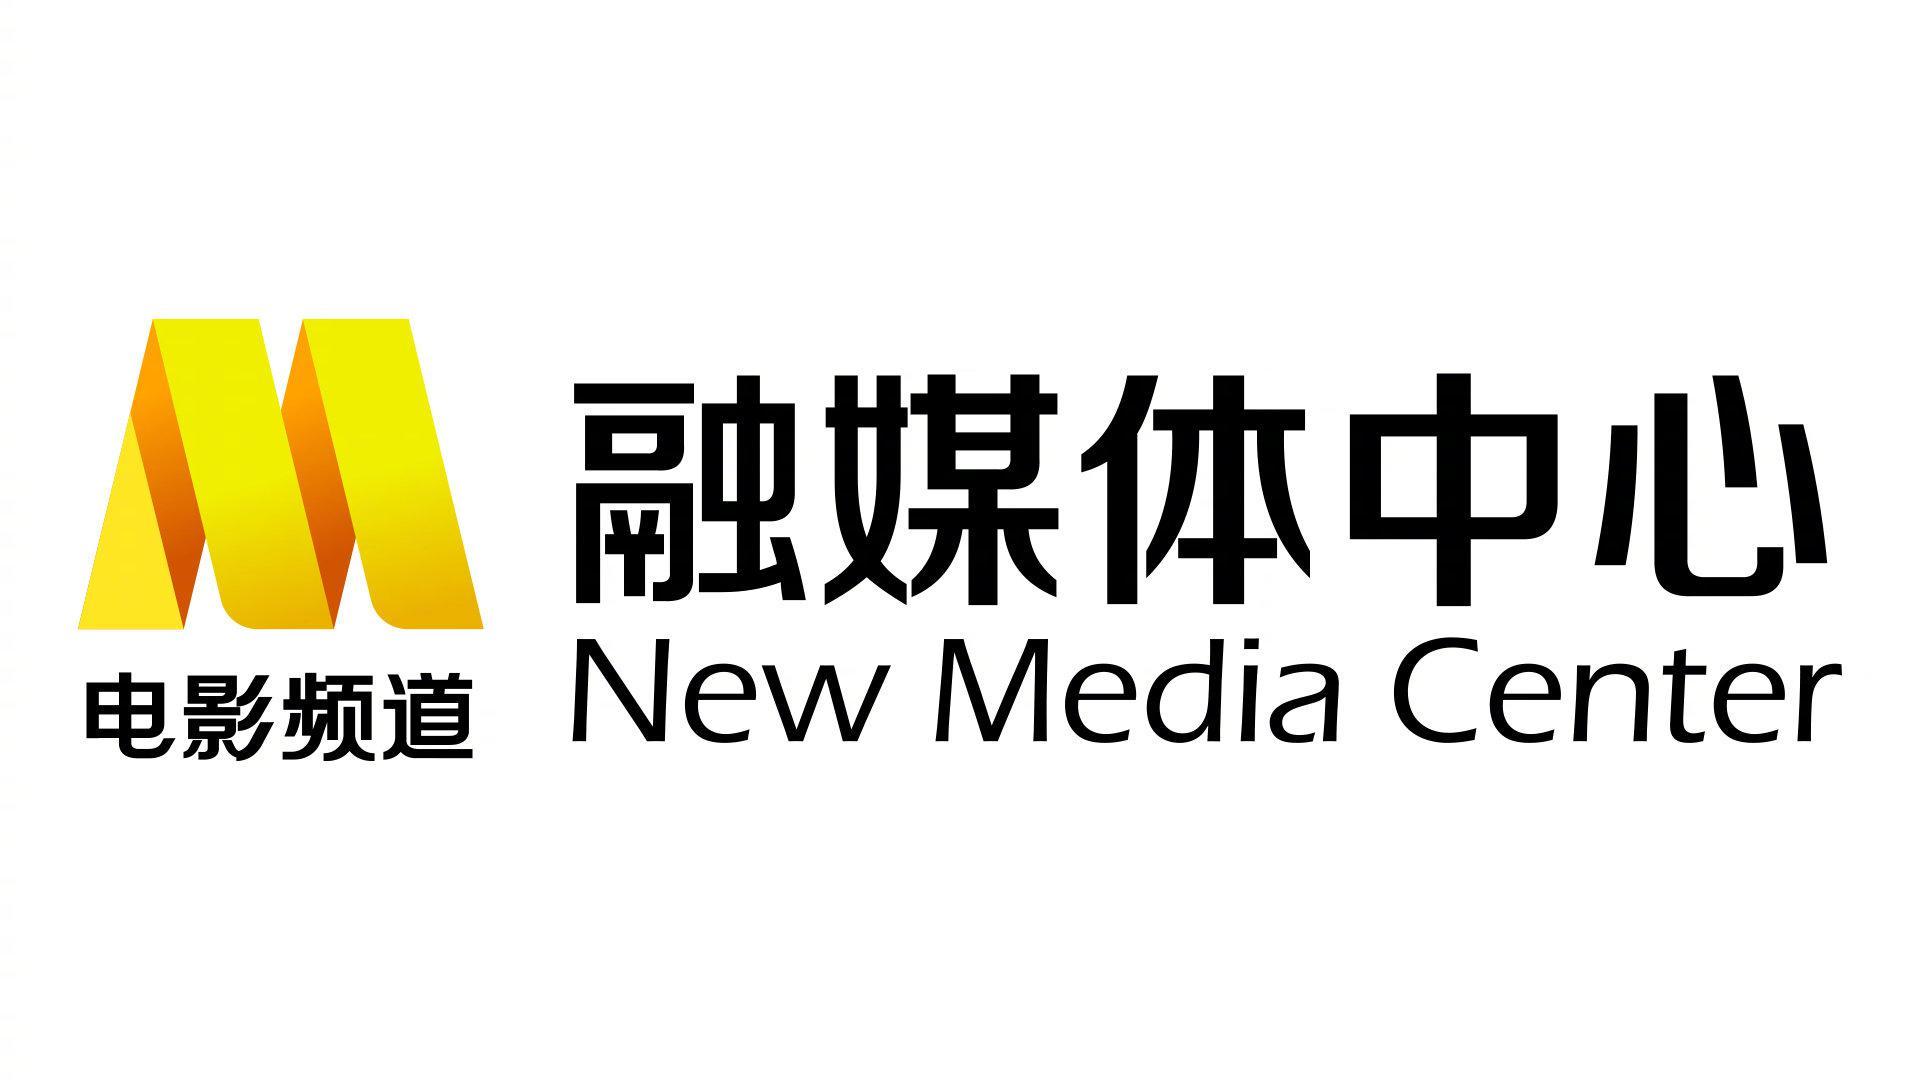 今天的互动话题是:郭敬明在拍摄《晴雅集》时曾向哪位导演取经?